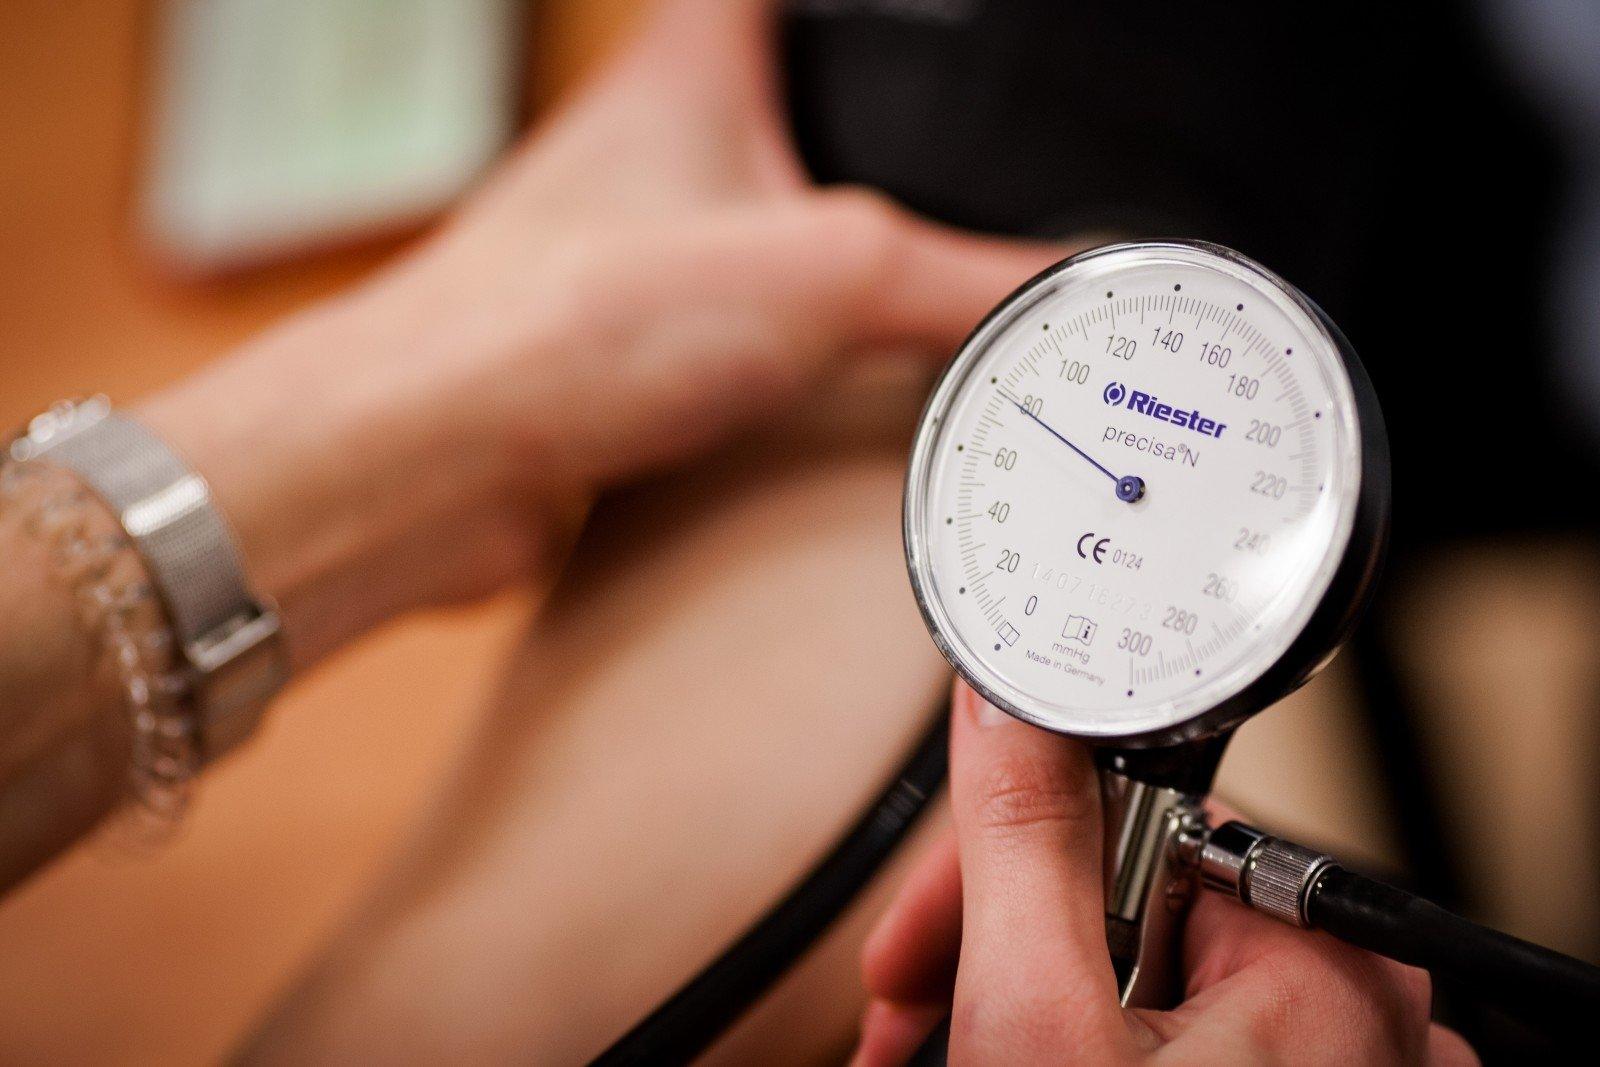 Kovojate prieš hipertenziją? Privalote įsidėmėti 3 taisykles, jei norite išspręsti problemą